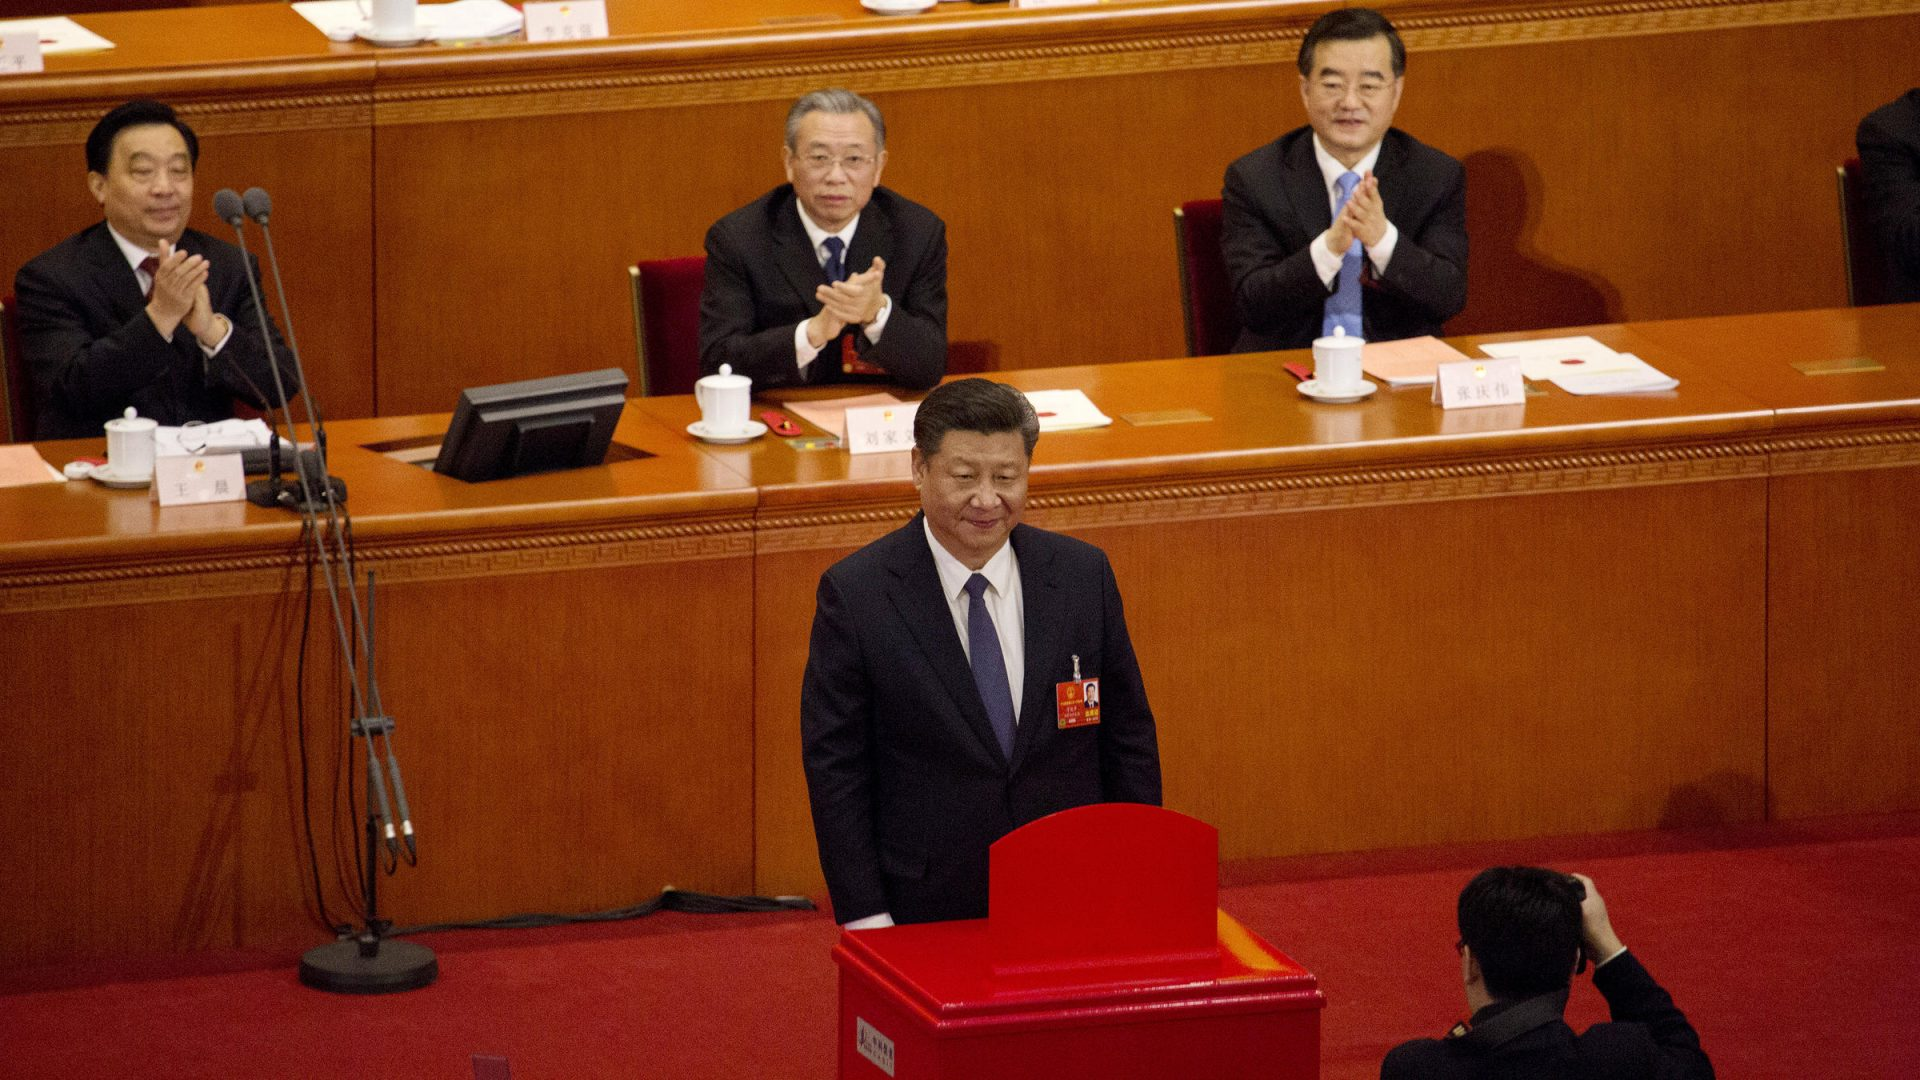 Le président chinois et secrétaire général Xi Jinping un instant après avoir voté la réforme constitutionnelle, notamment la suppression de la limite à deux mandats pour le président à l'Assemblée nationale populaire dans le Grand Hall du Peuple à Pékin le 11 mars 2018.